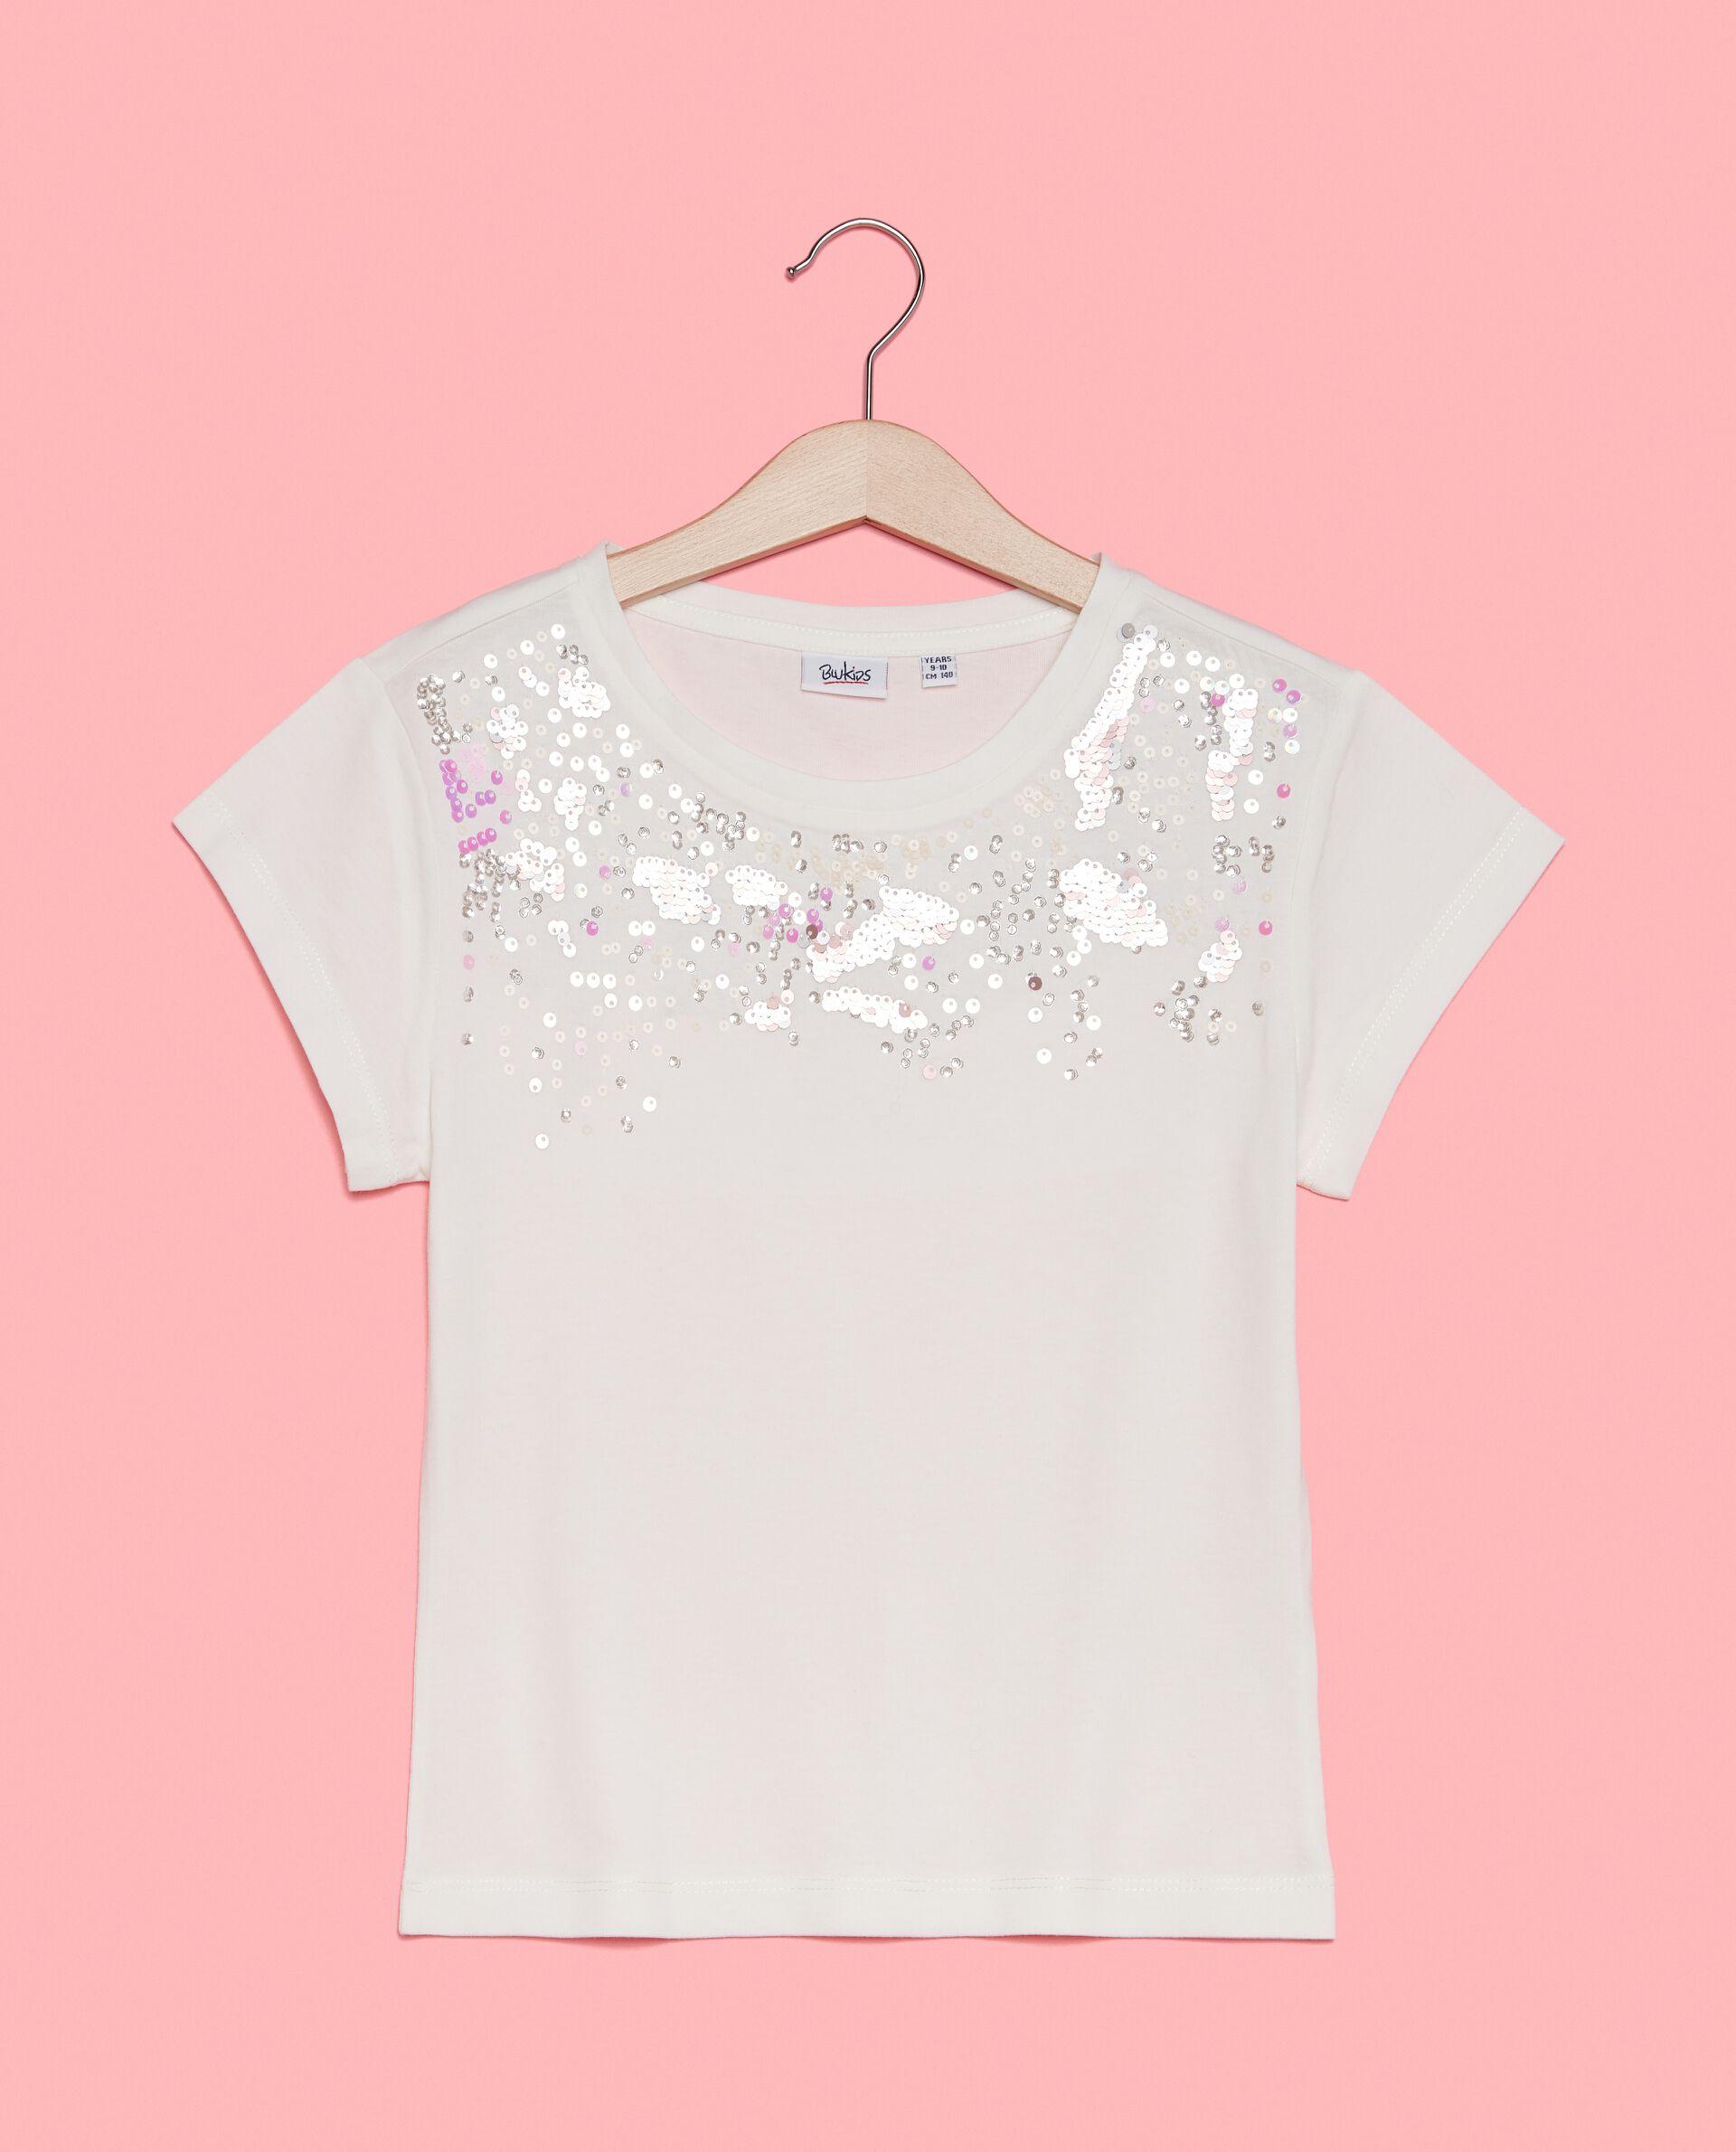 T-shirt con effetto degradé in paillettes in puro cotone